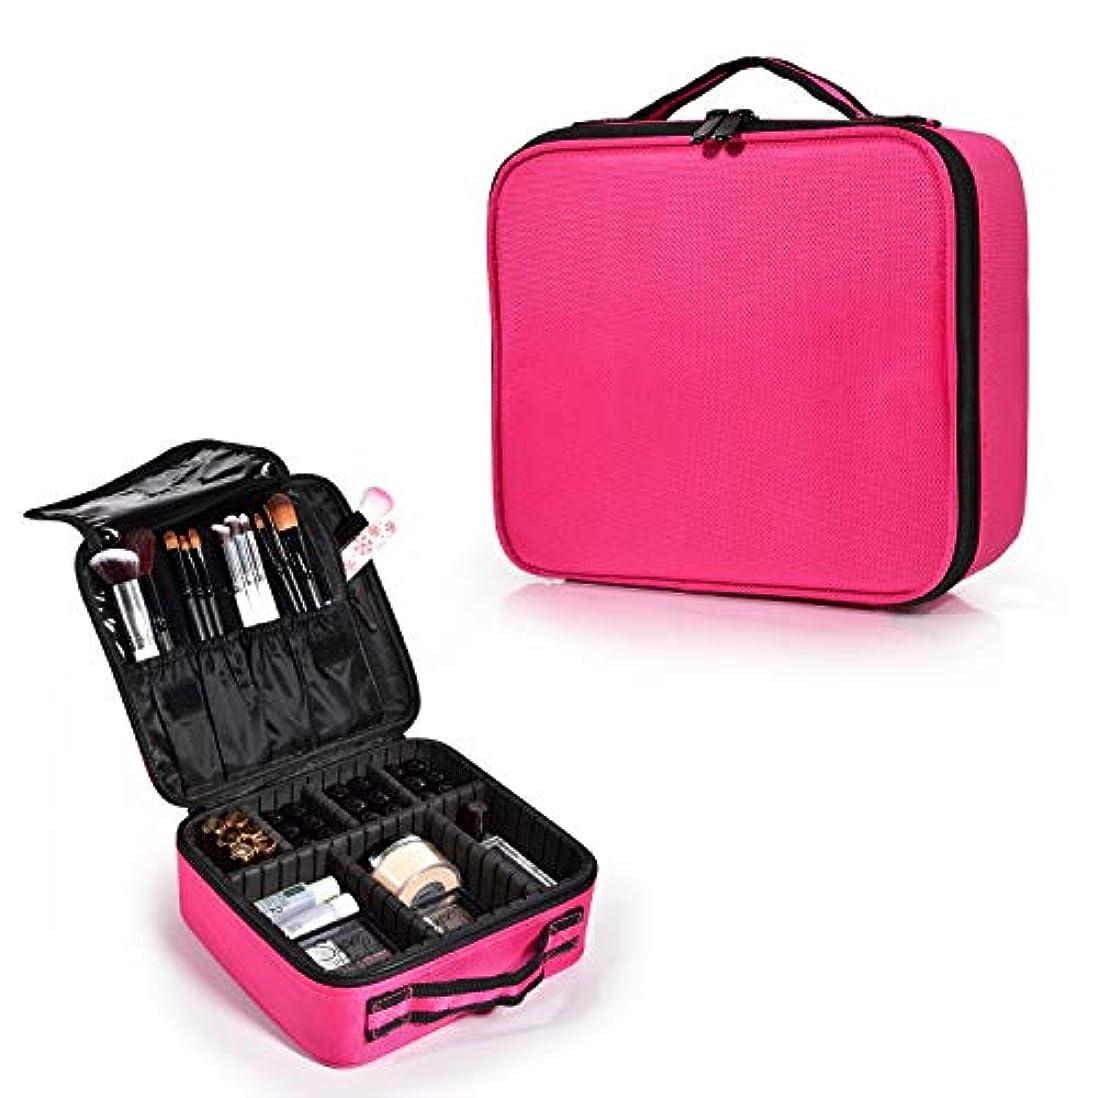 用語集脅かす旅客Hapilife メイクボックス 化粧バッグ軽量で持ち運び可能 スーツケース トラベルバッグ 化粧 バッグ 調整可能なインサート収納袋